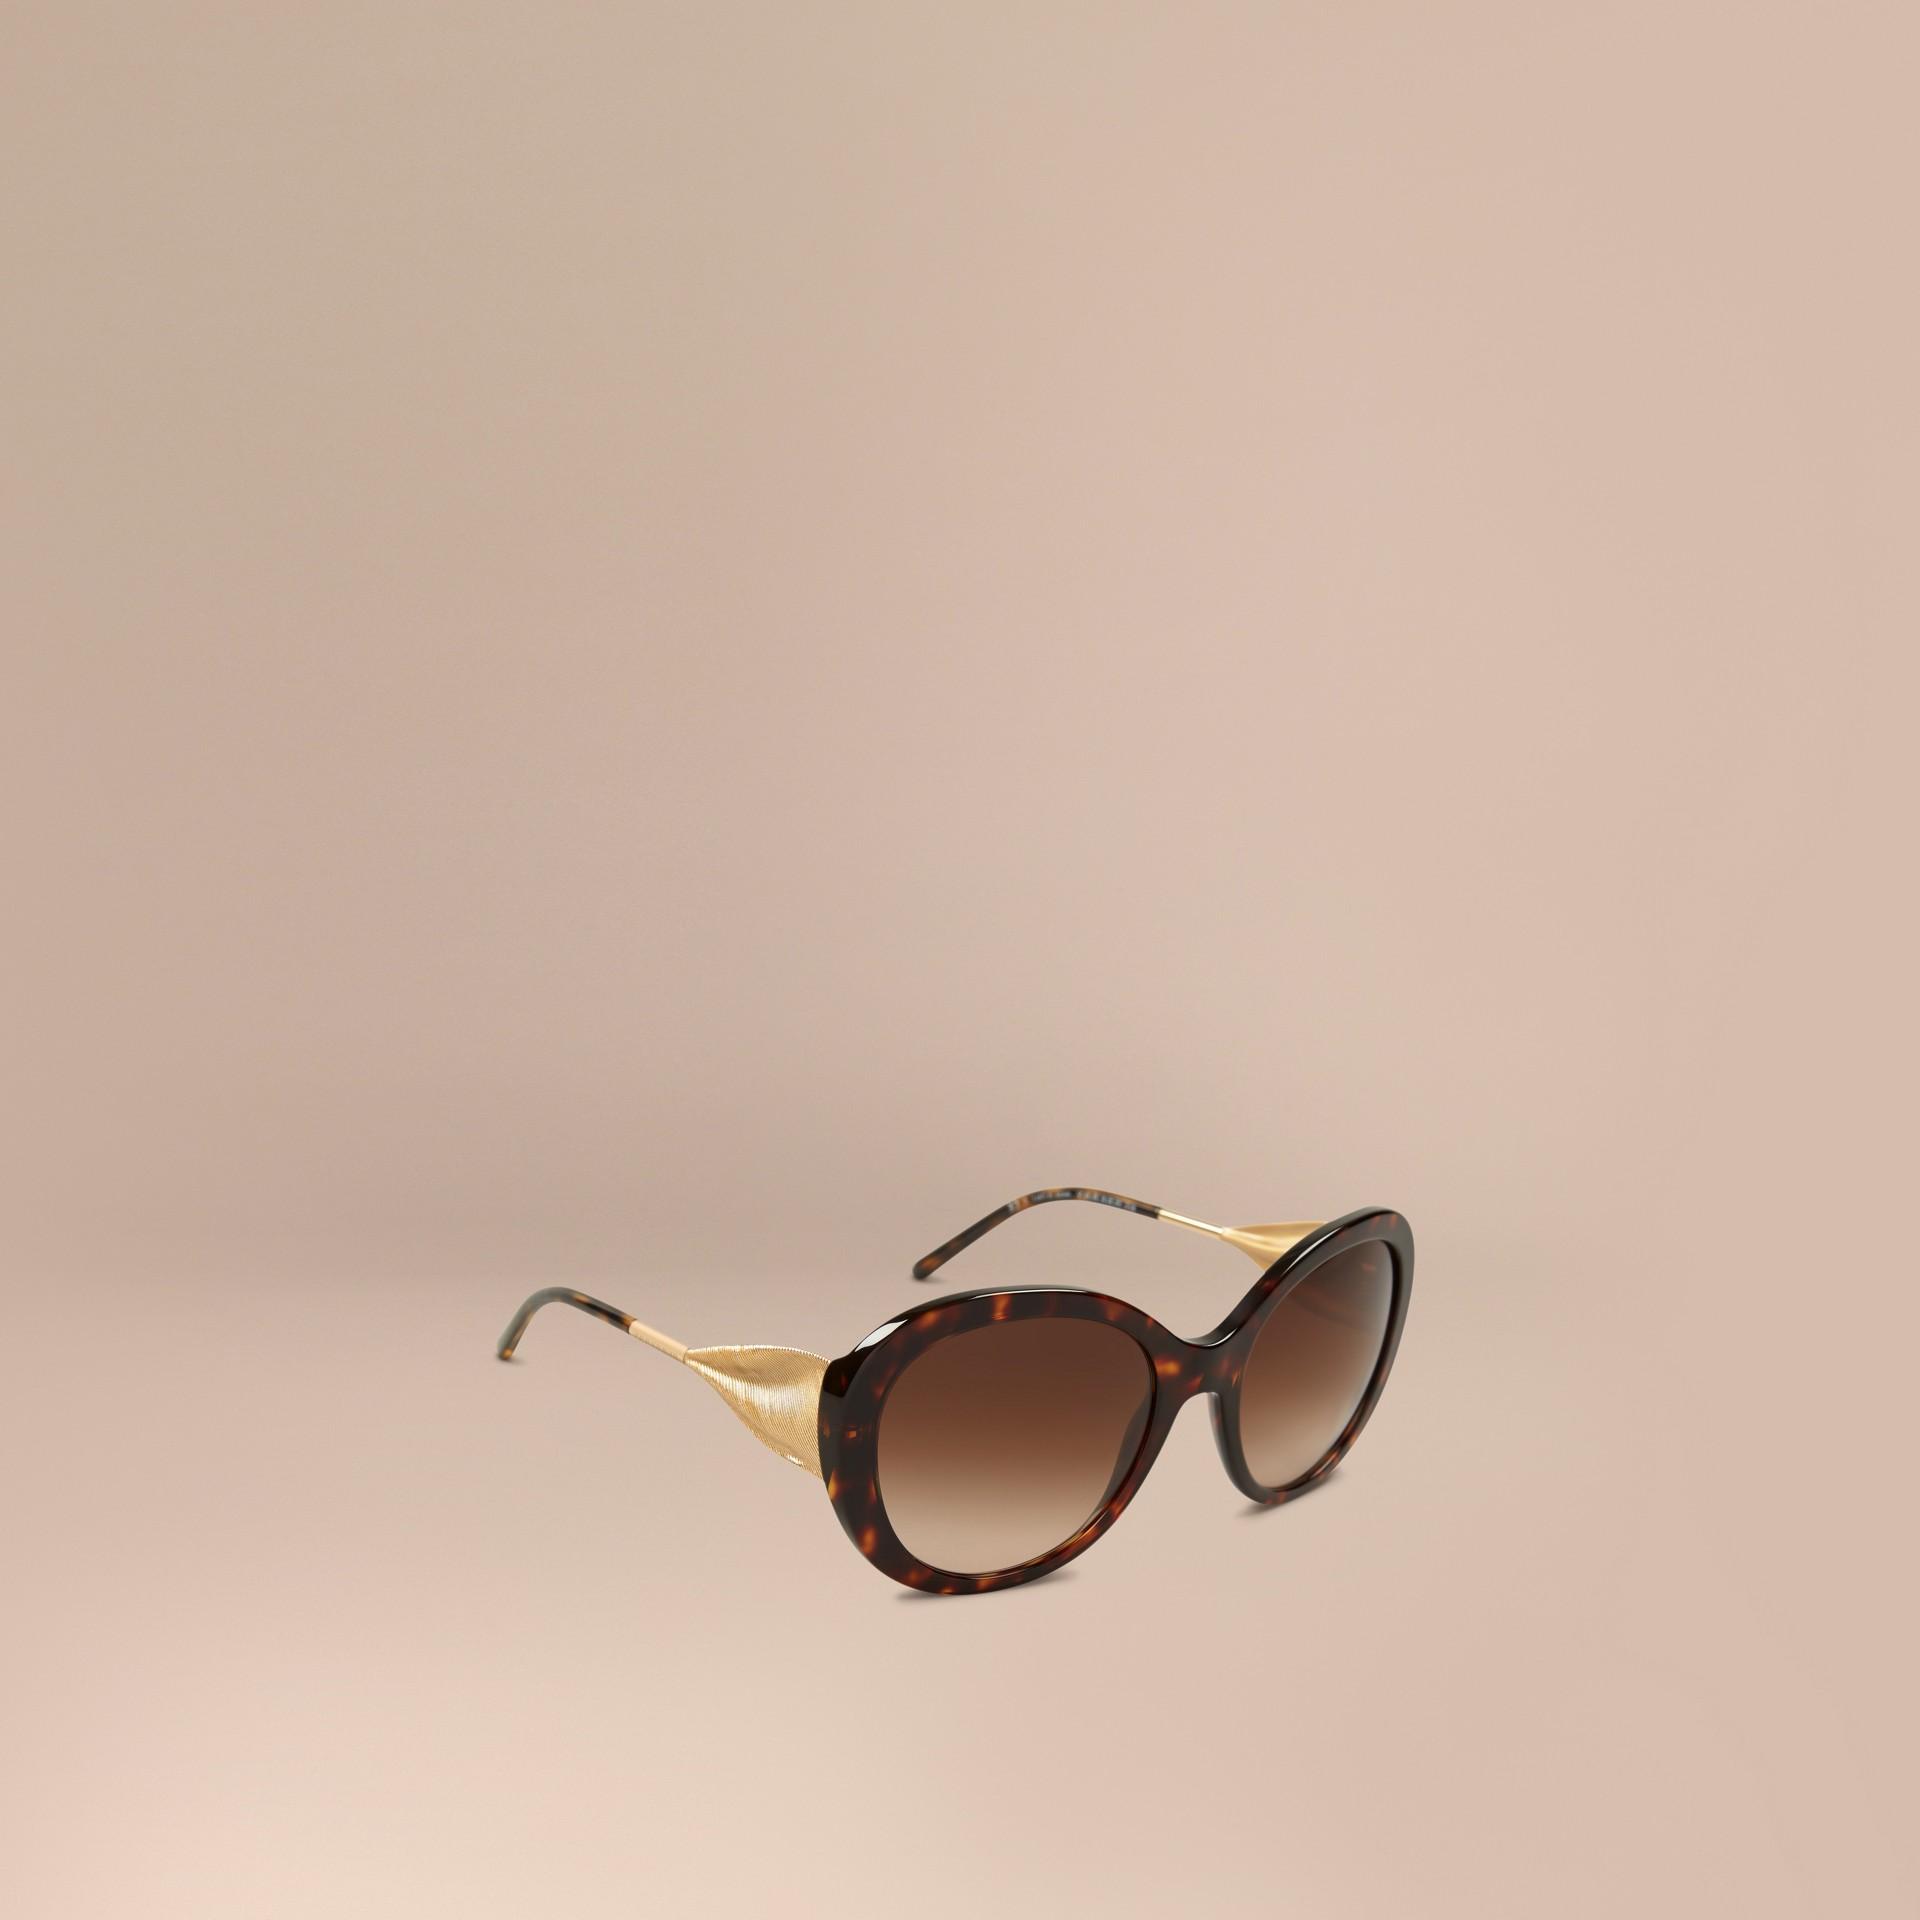 Ebony Gabardine Collection Oversize Round Frame Sunglasses Ebony - gallery image 1